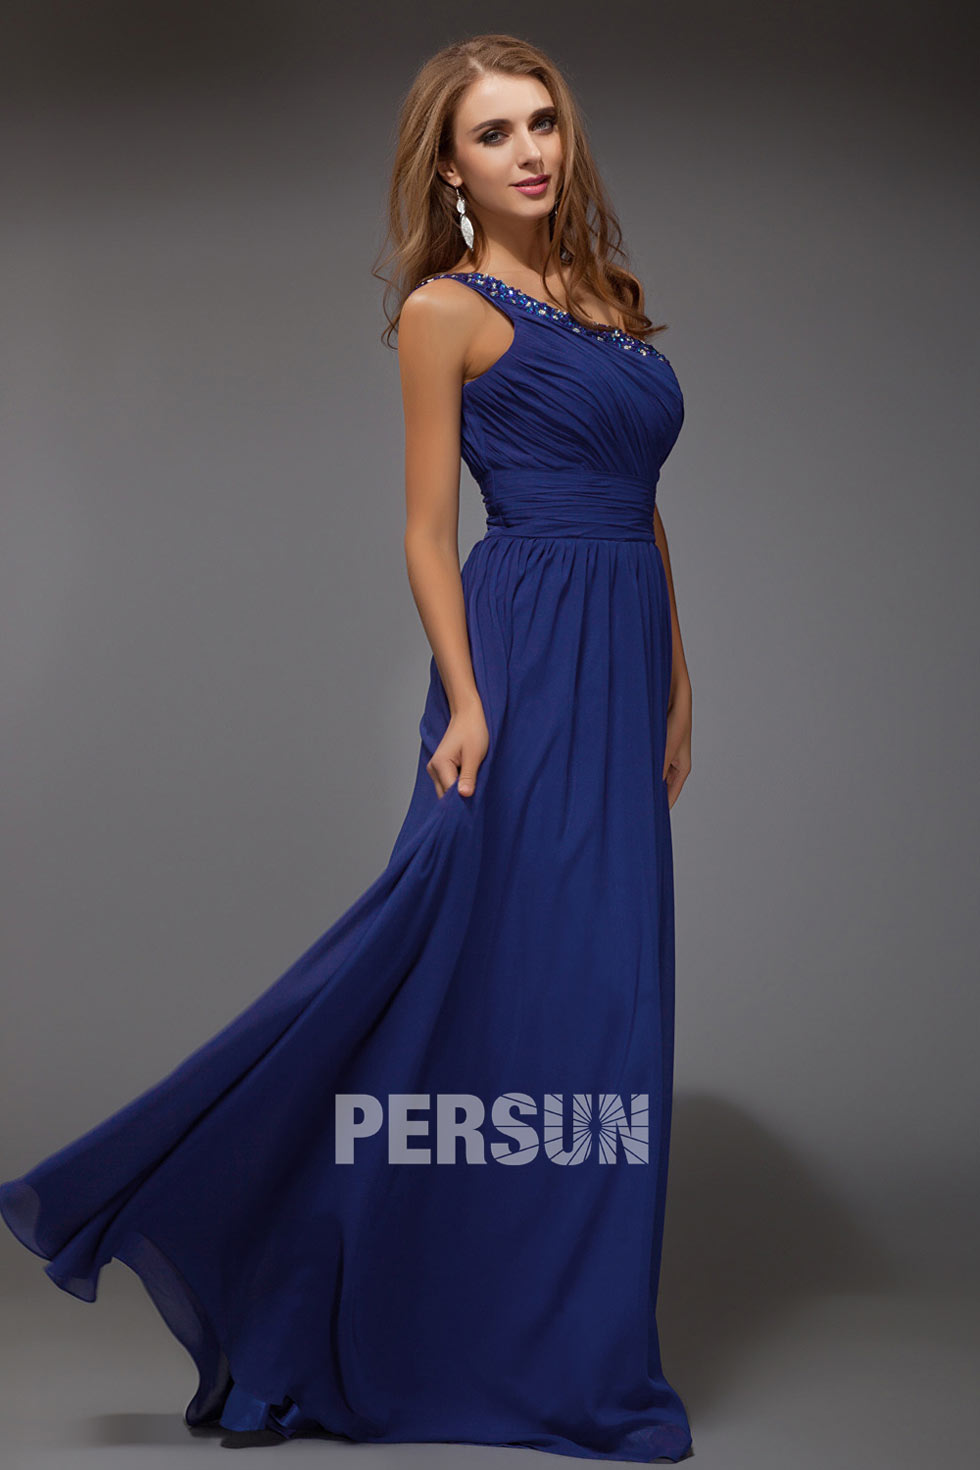 robe bleu roi col asymétrique à paillettes pour soirée en mousseline